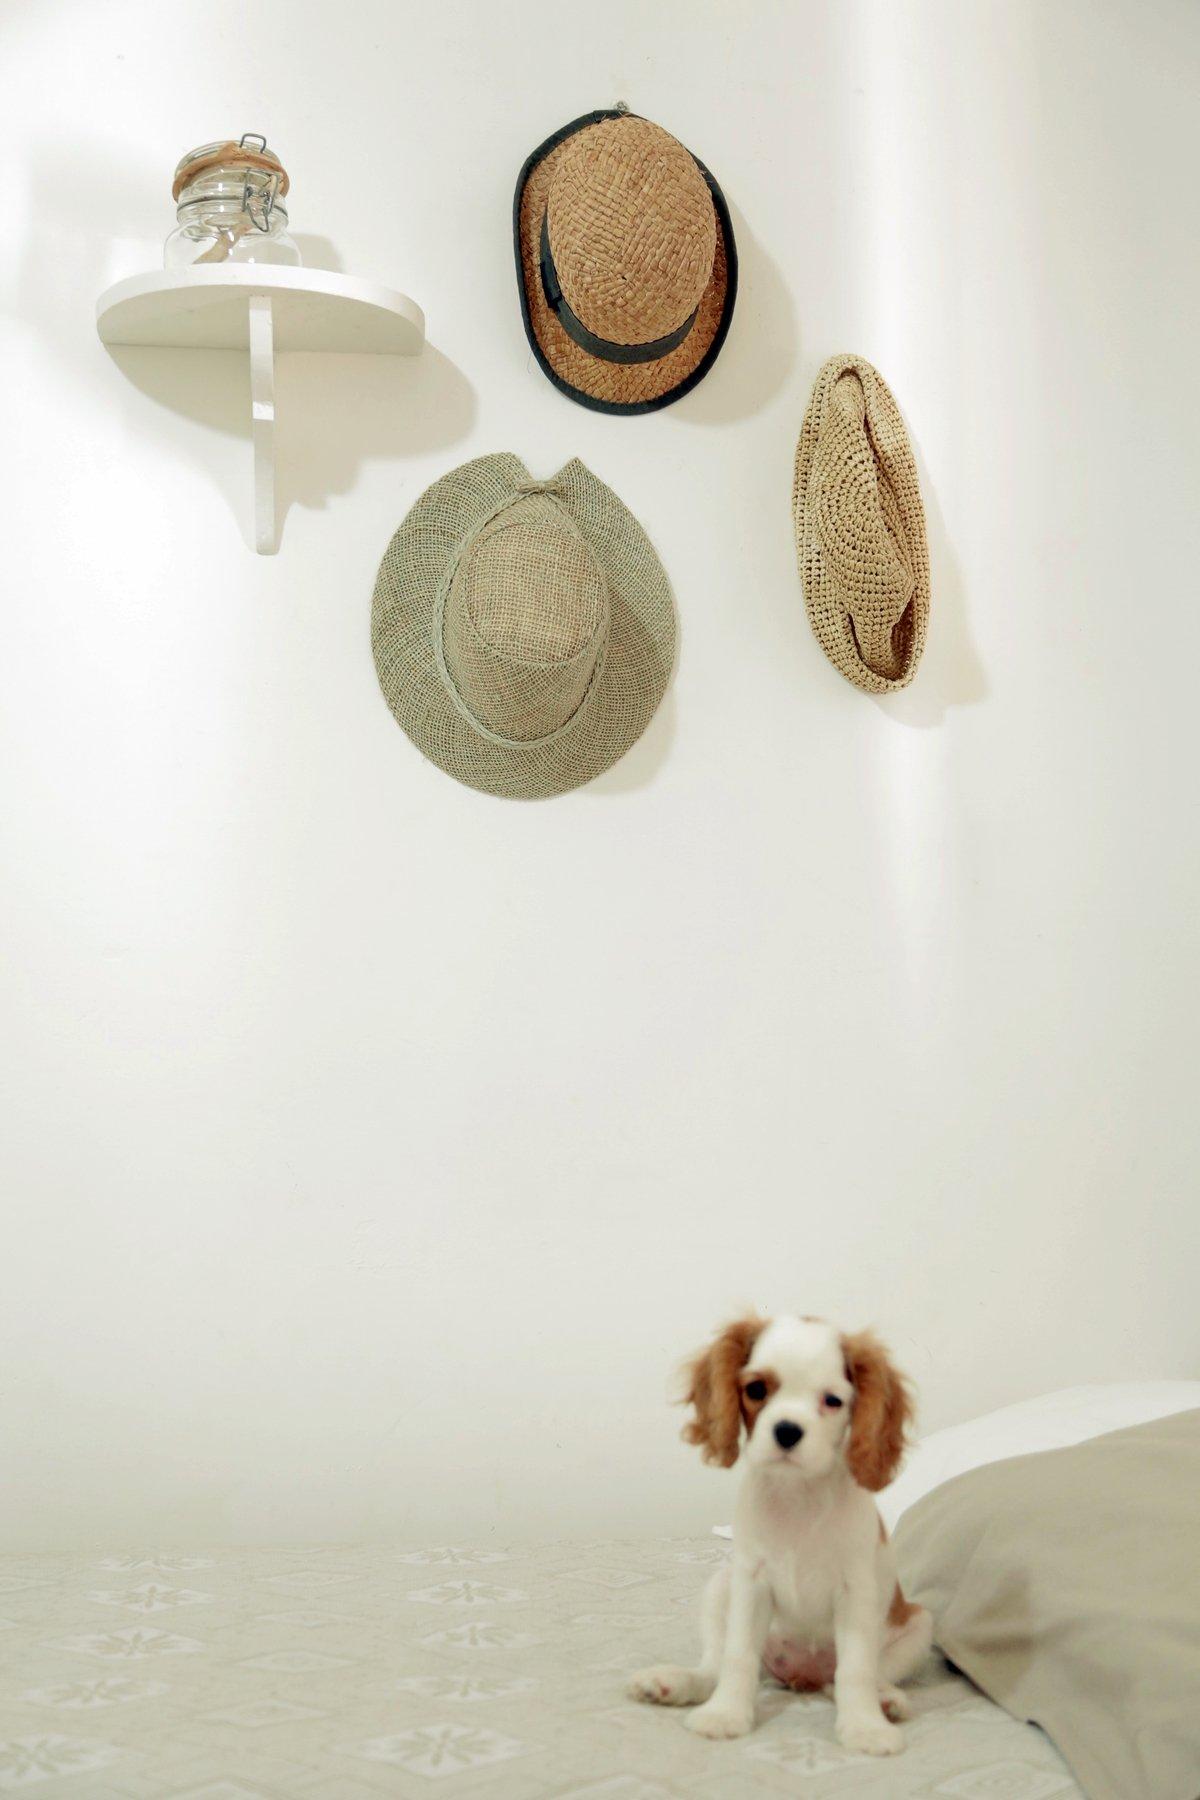 cappelli paglia riciclo